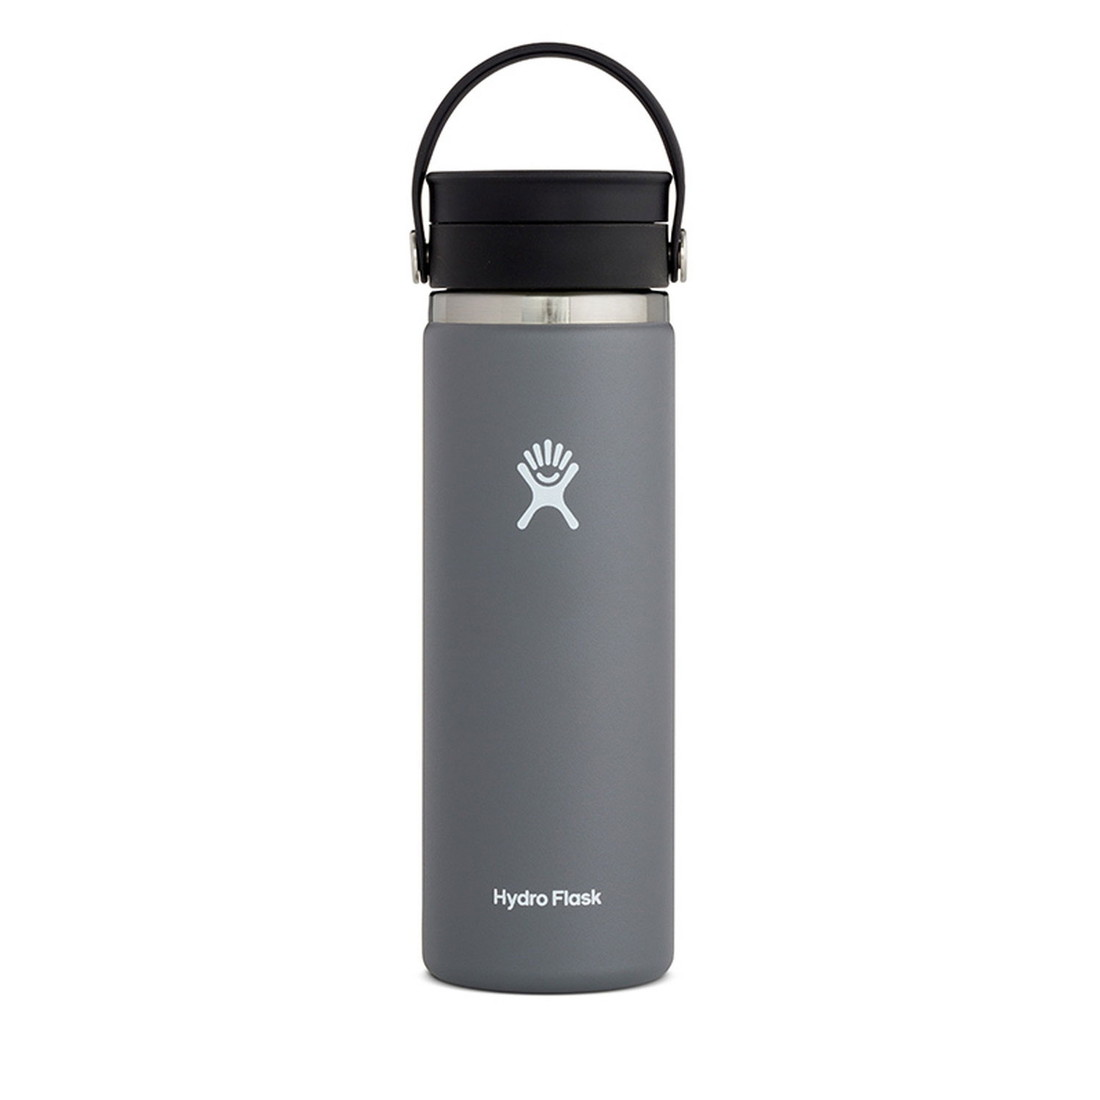 ハイドロフラスク ワイドマウスコーヒー フレックスシップ 20oz 保温 保冷 ボトル 水筒  国内正規品